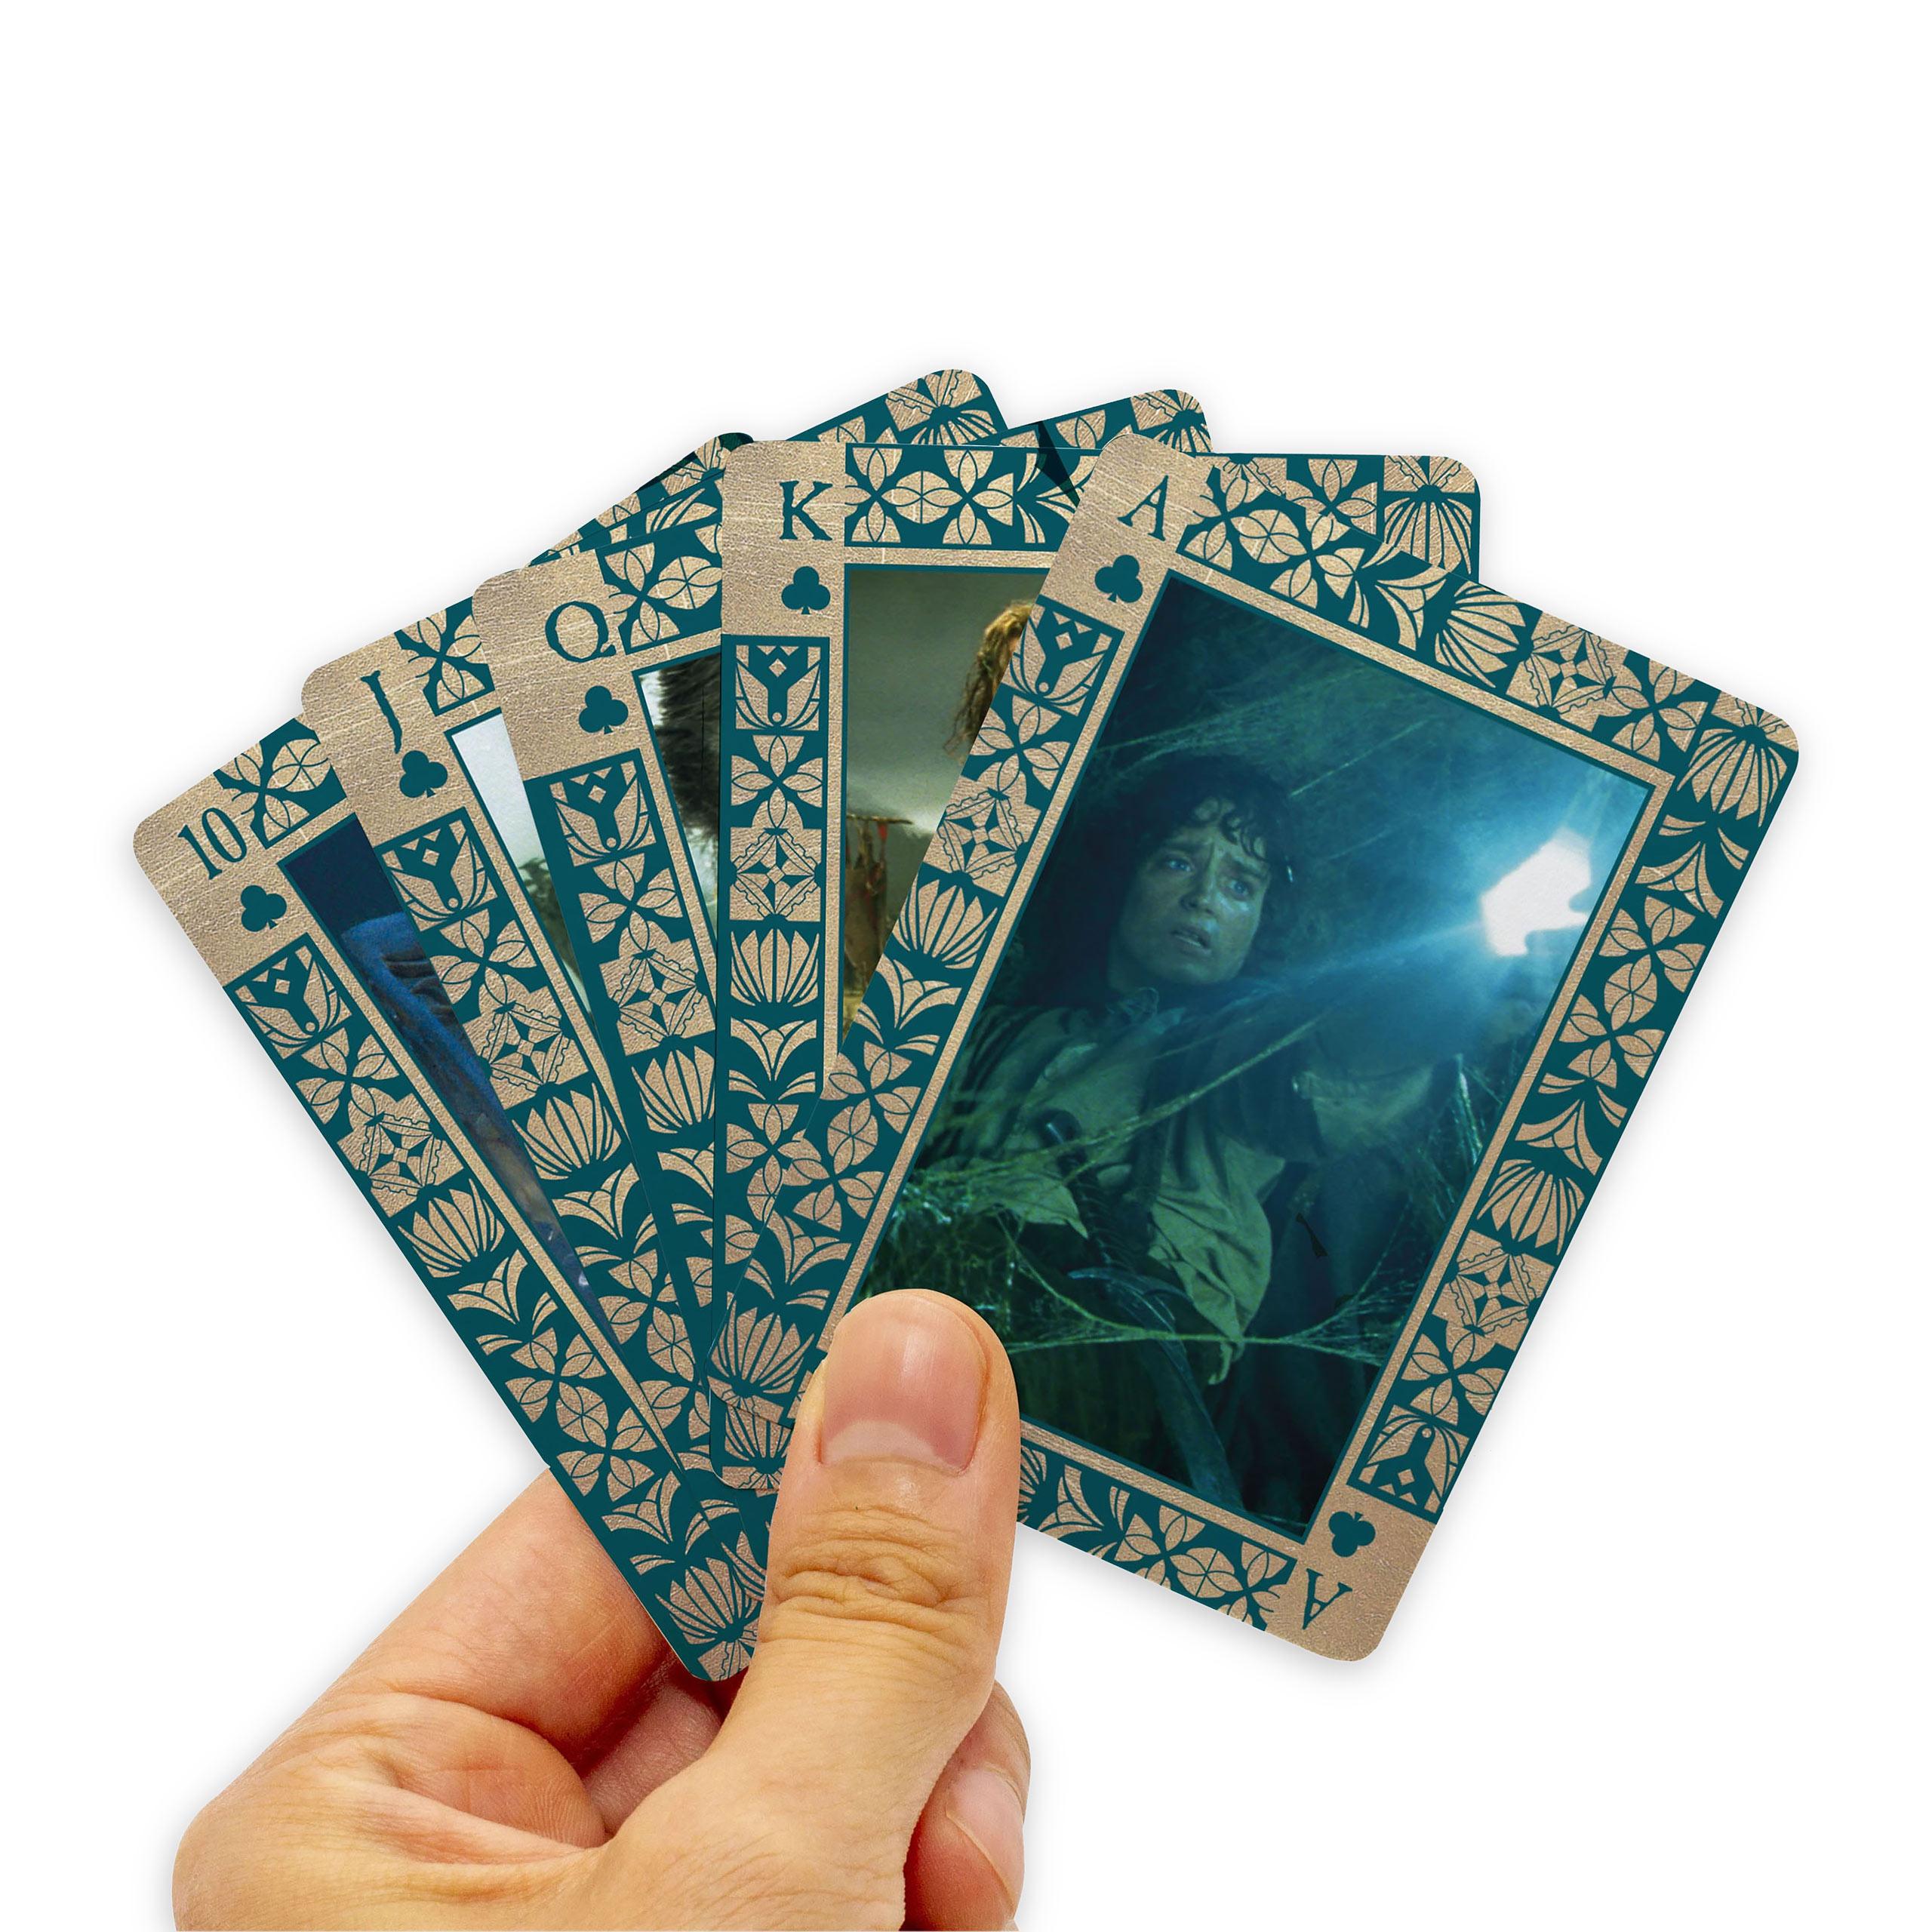 Herr der Ringe - Heroes and Villains Spielkarten